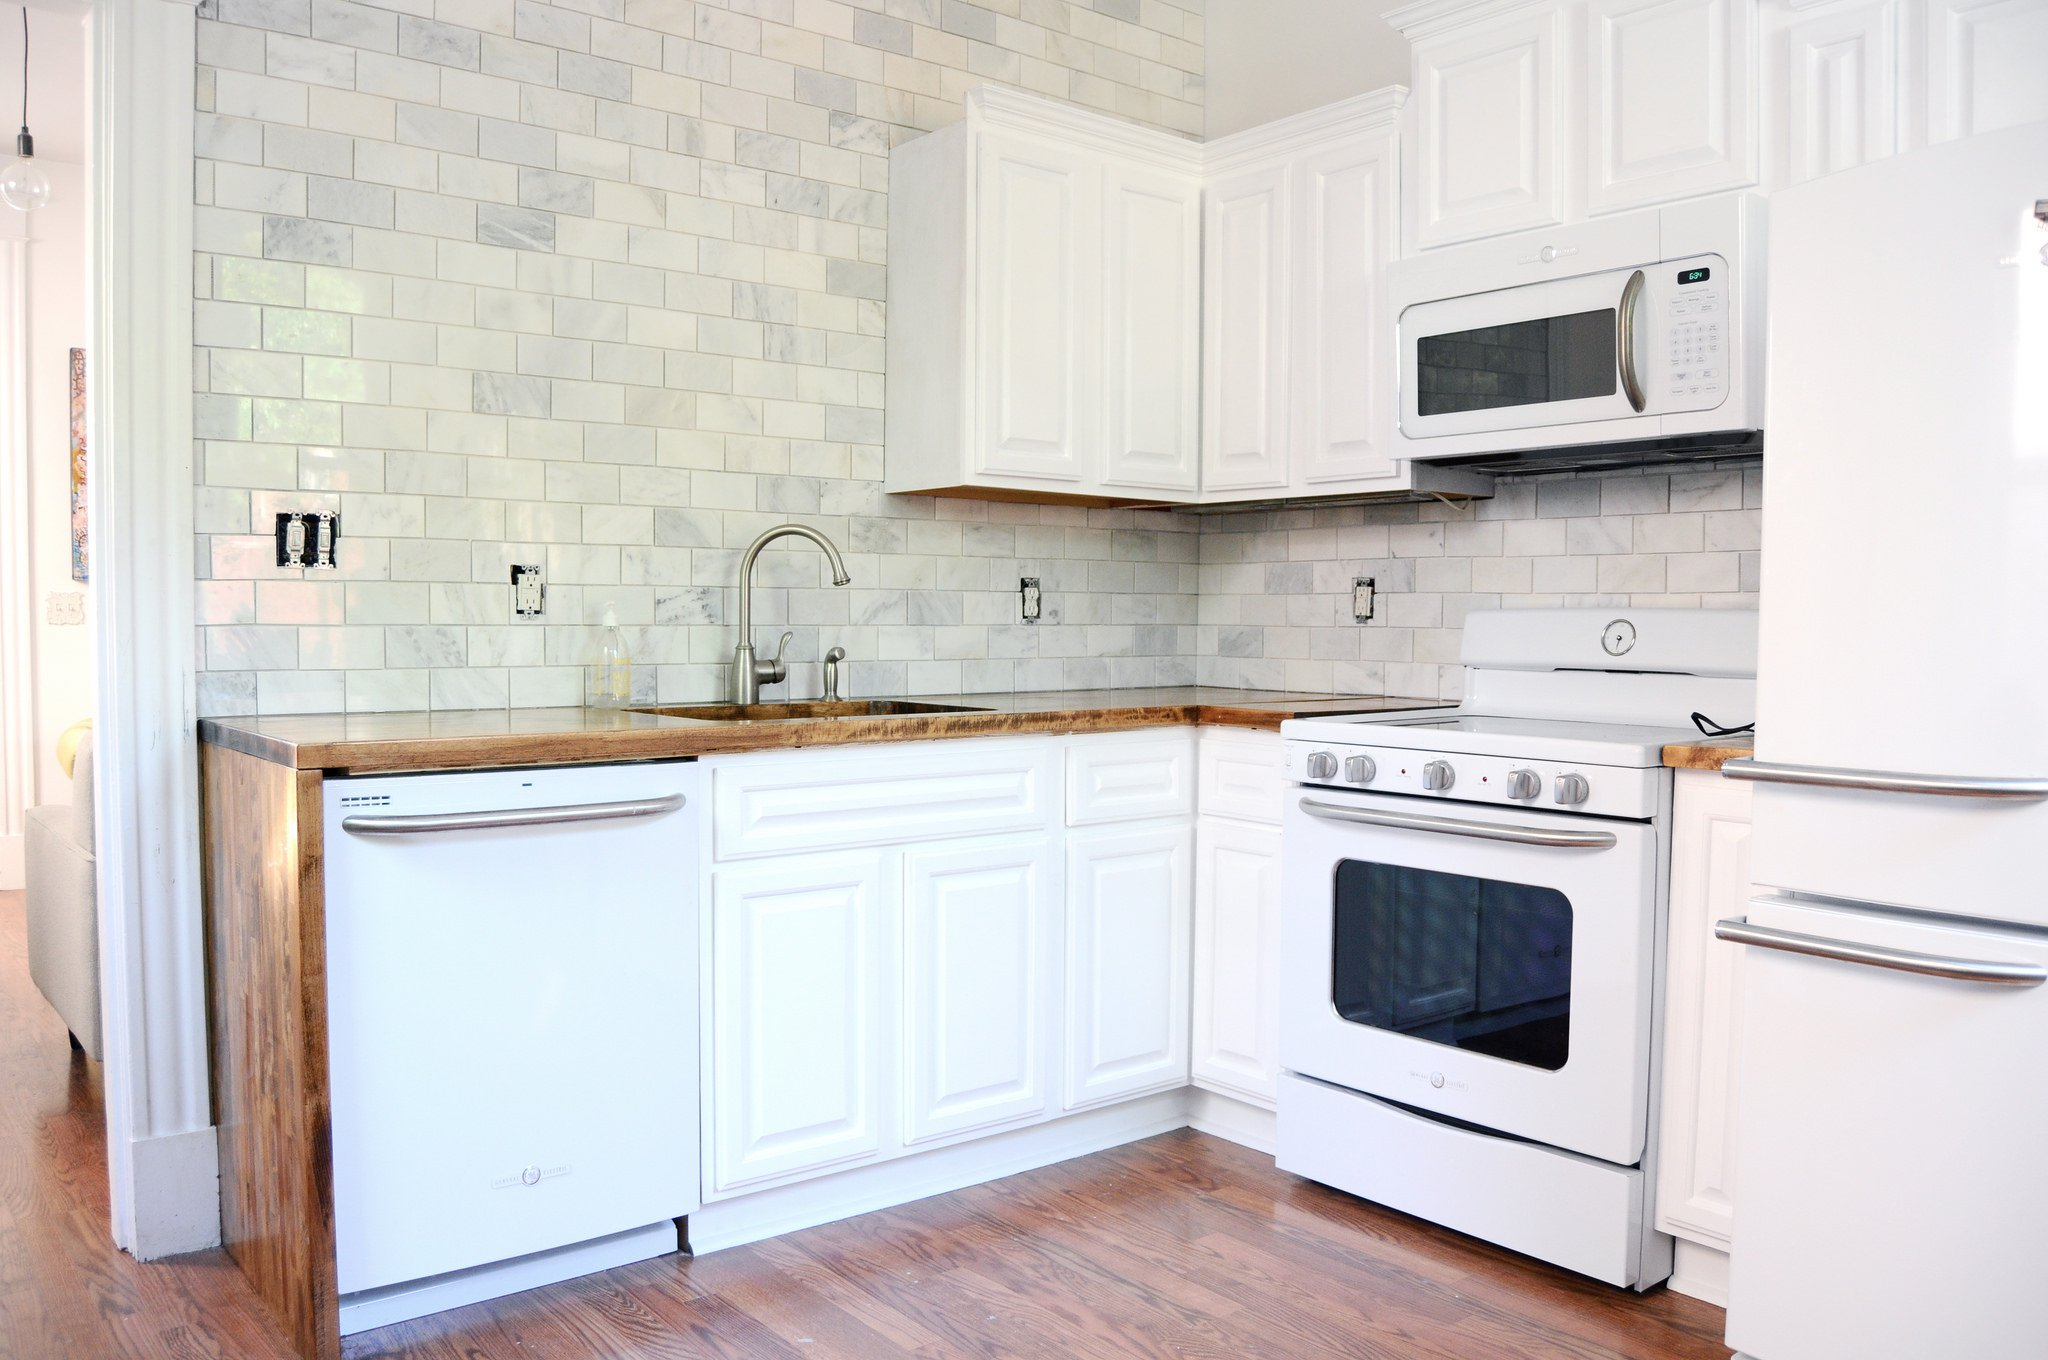 Trucos para actualizar la cocina y dejarla o nueva